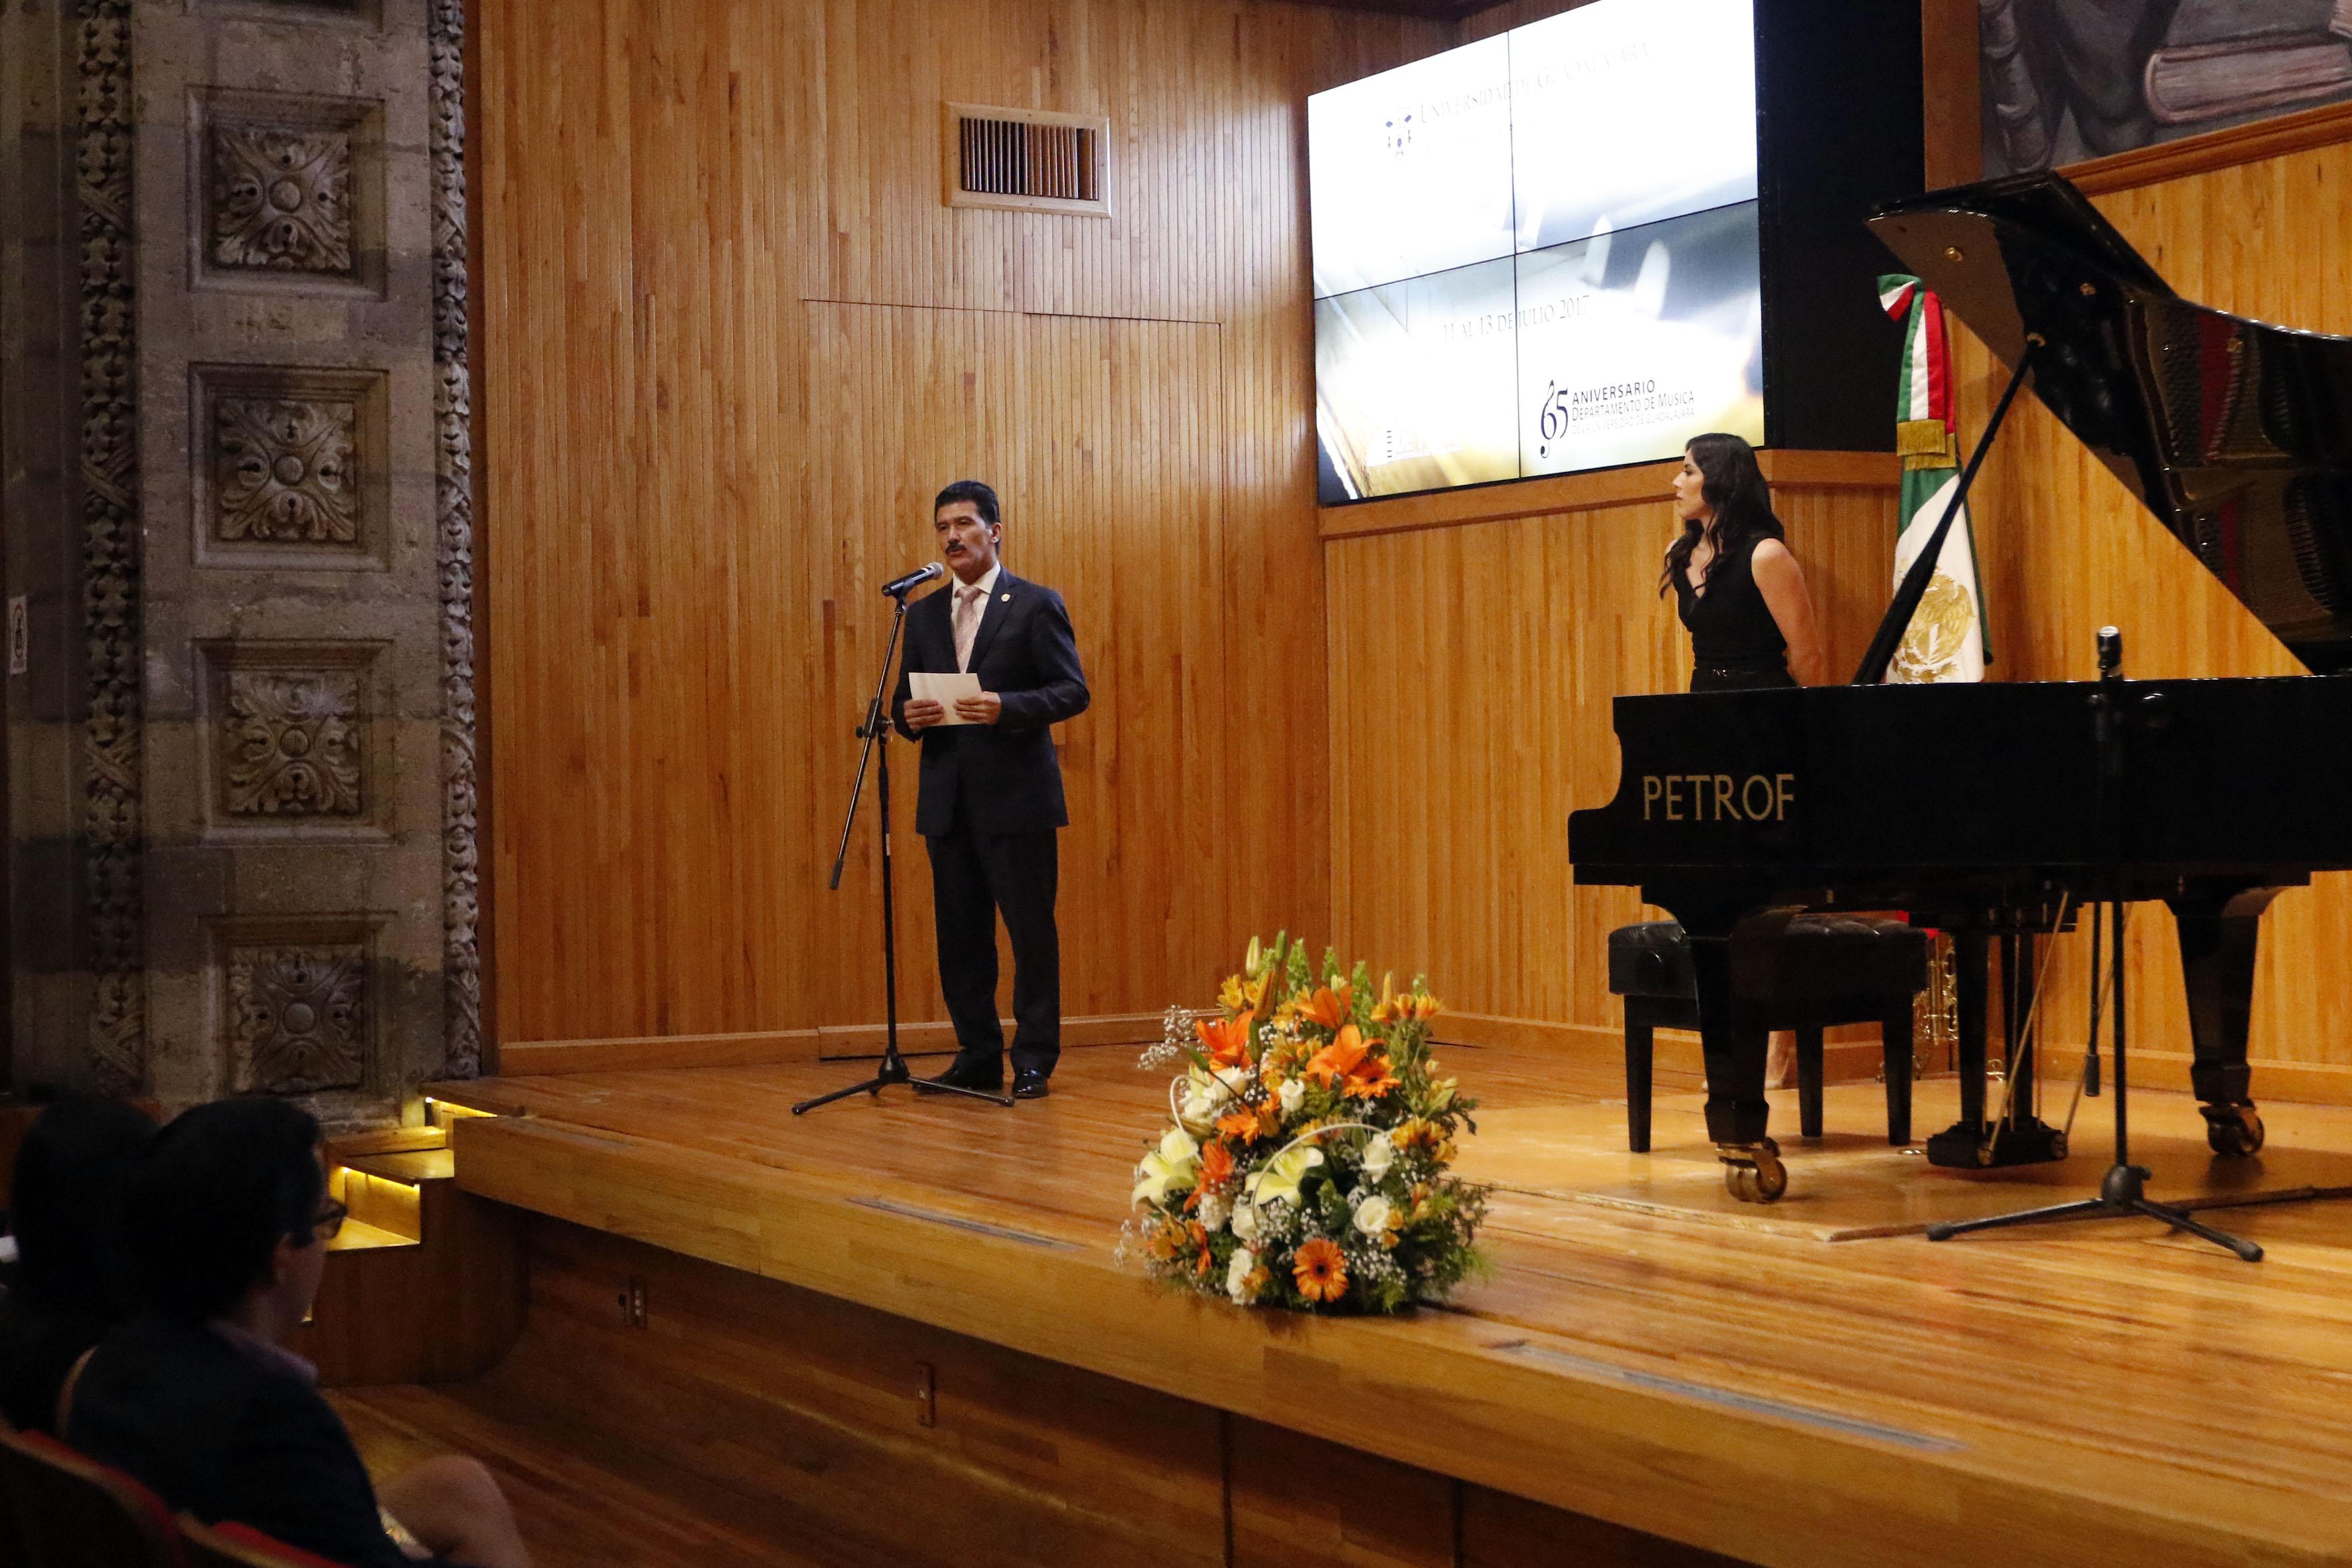 Maestro Ernesto Flores Gallo, rector del Centro Universitario de Arte, Arquitectura y Diseño (CUAAD), participando en la ceremonia de premiación, realizada en el paraninfo Enrique Díaz de León de la Universidad de Guadalajara.